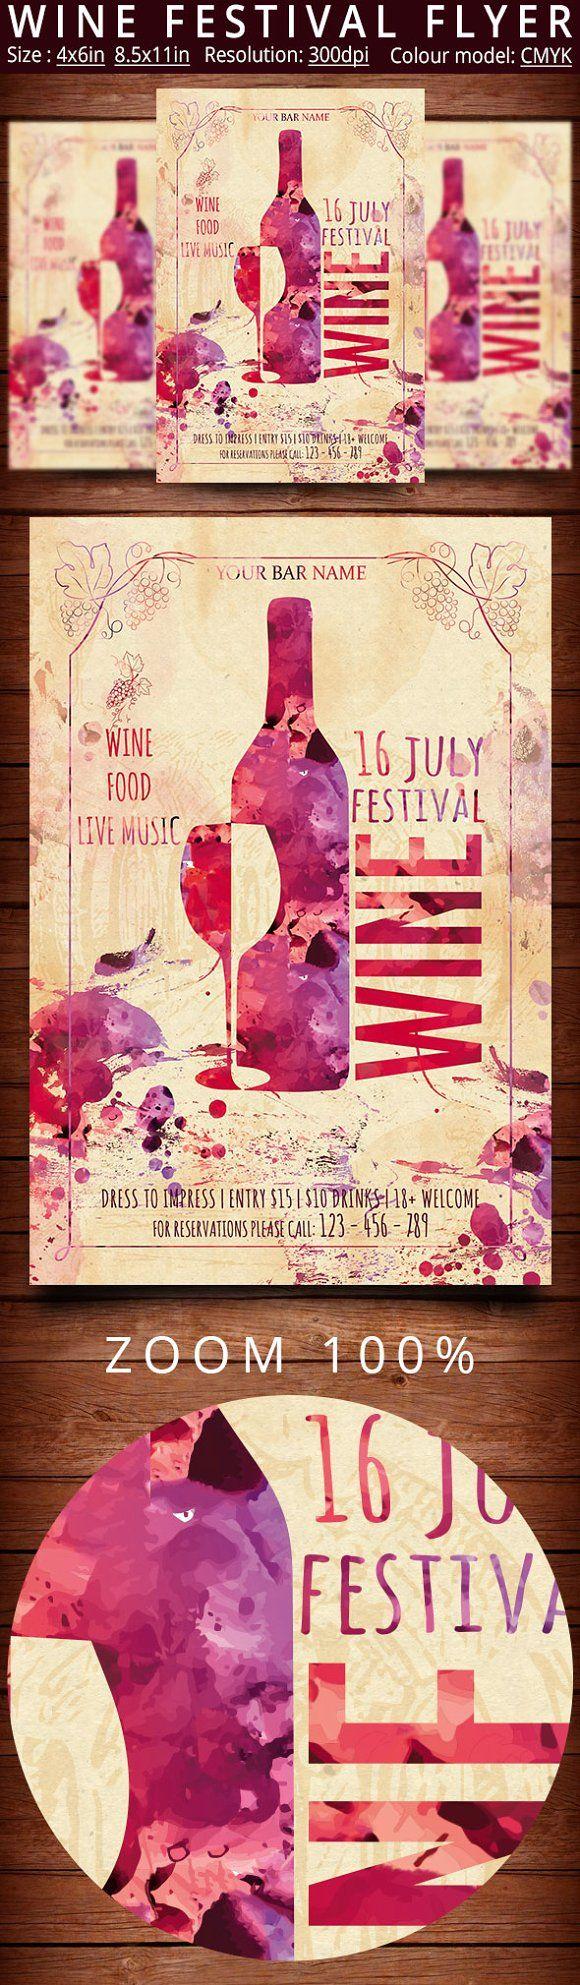 Wine Festival Flyer Vintage & 80 best Wine images on Pinterest | Wine festival Festival flyer and ...